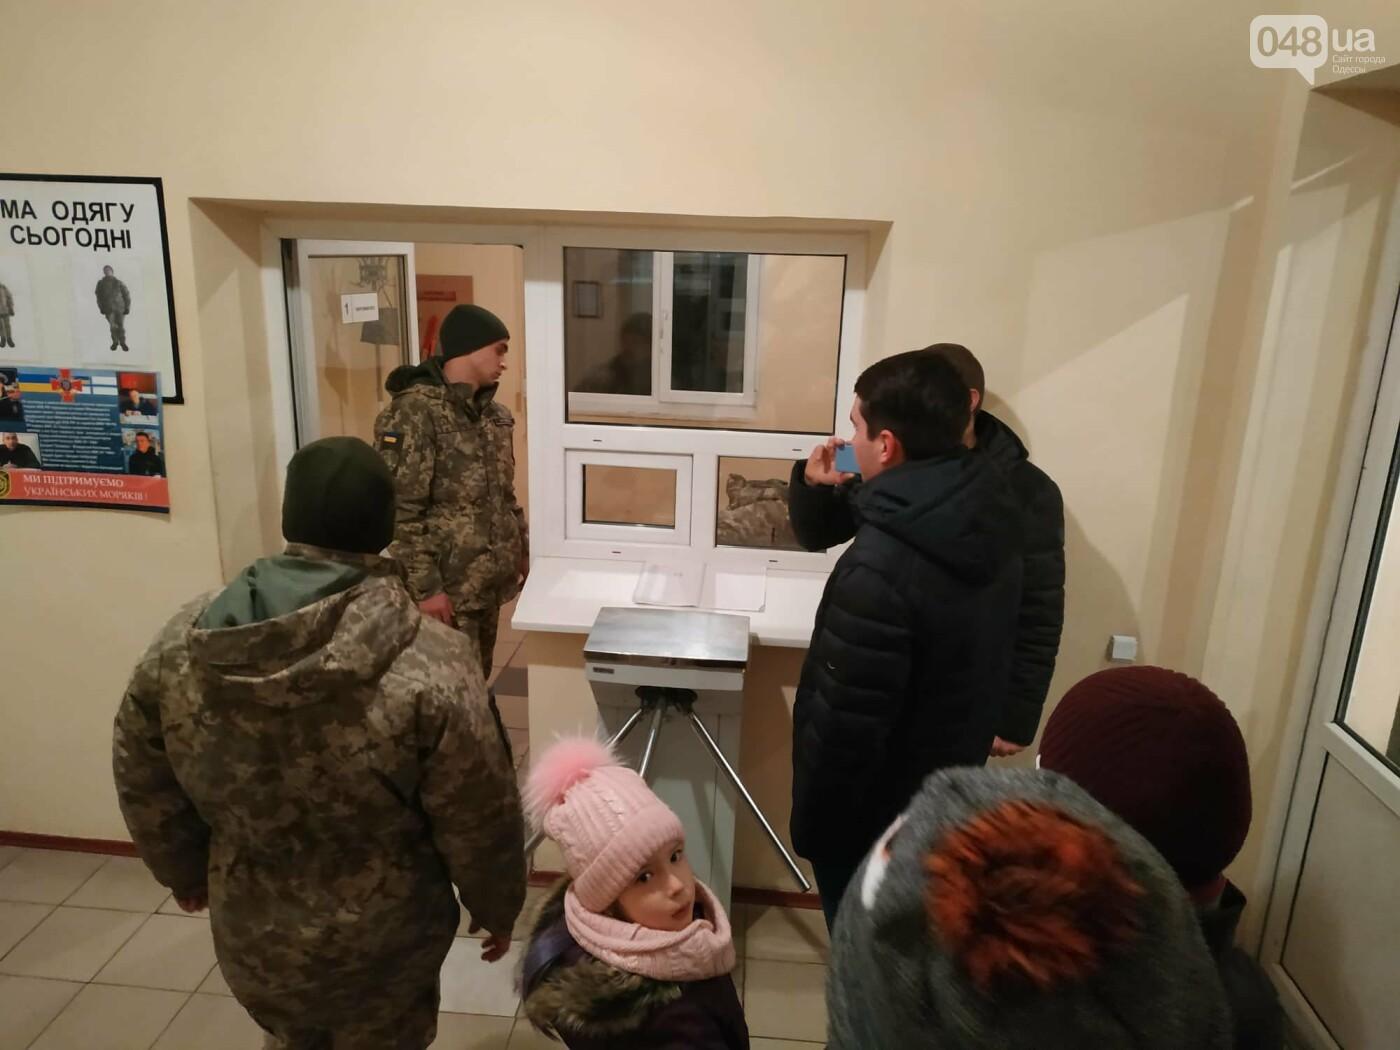 В Одессе семью с 2 детьми вышвыривают из дома без вещей на улицу, - ФОТО, ВИДЕО, фото-4